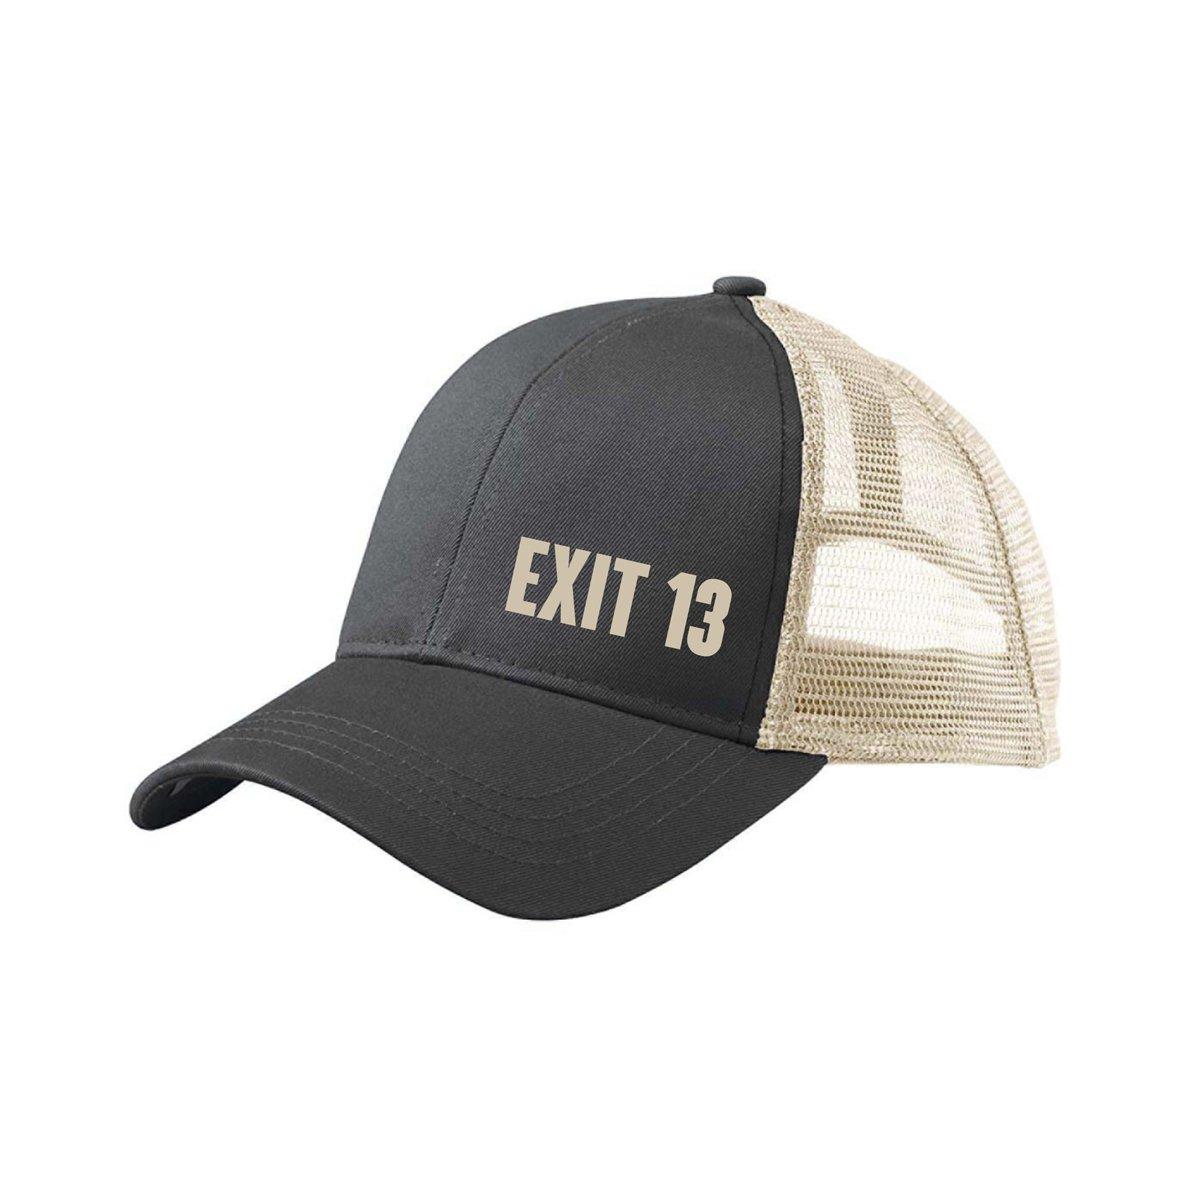 Exit 13 Trucker Hat  d4ce1f386269